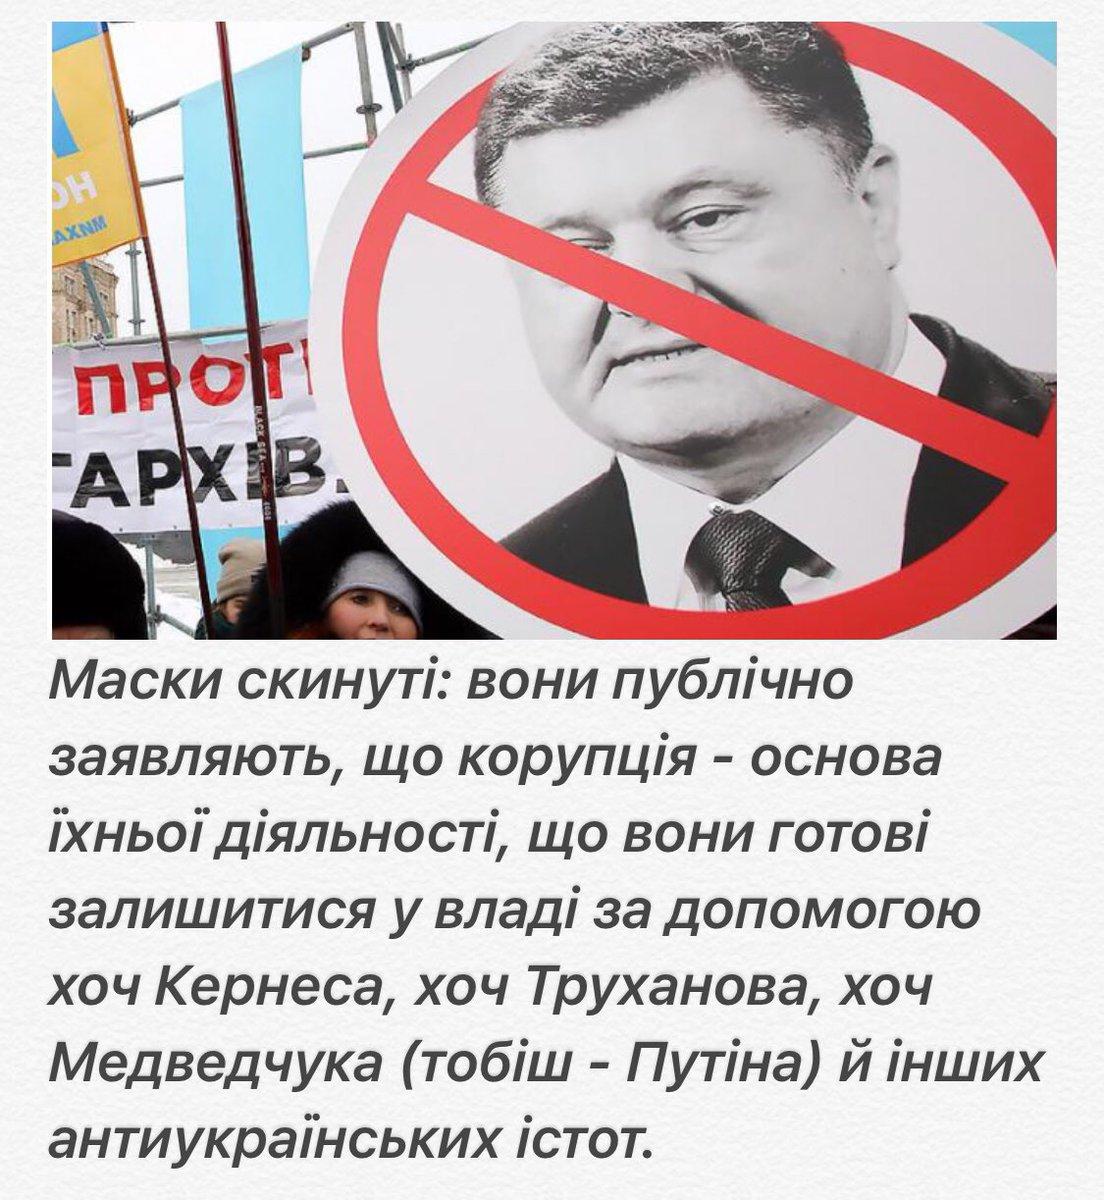 Втручання РФ у вибори в Україні буде колосальним, - Аваков - Цензор.НЕТ 4567